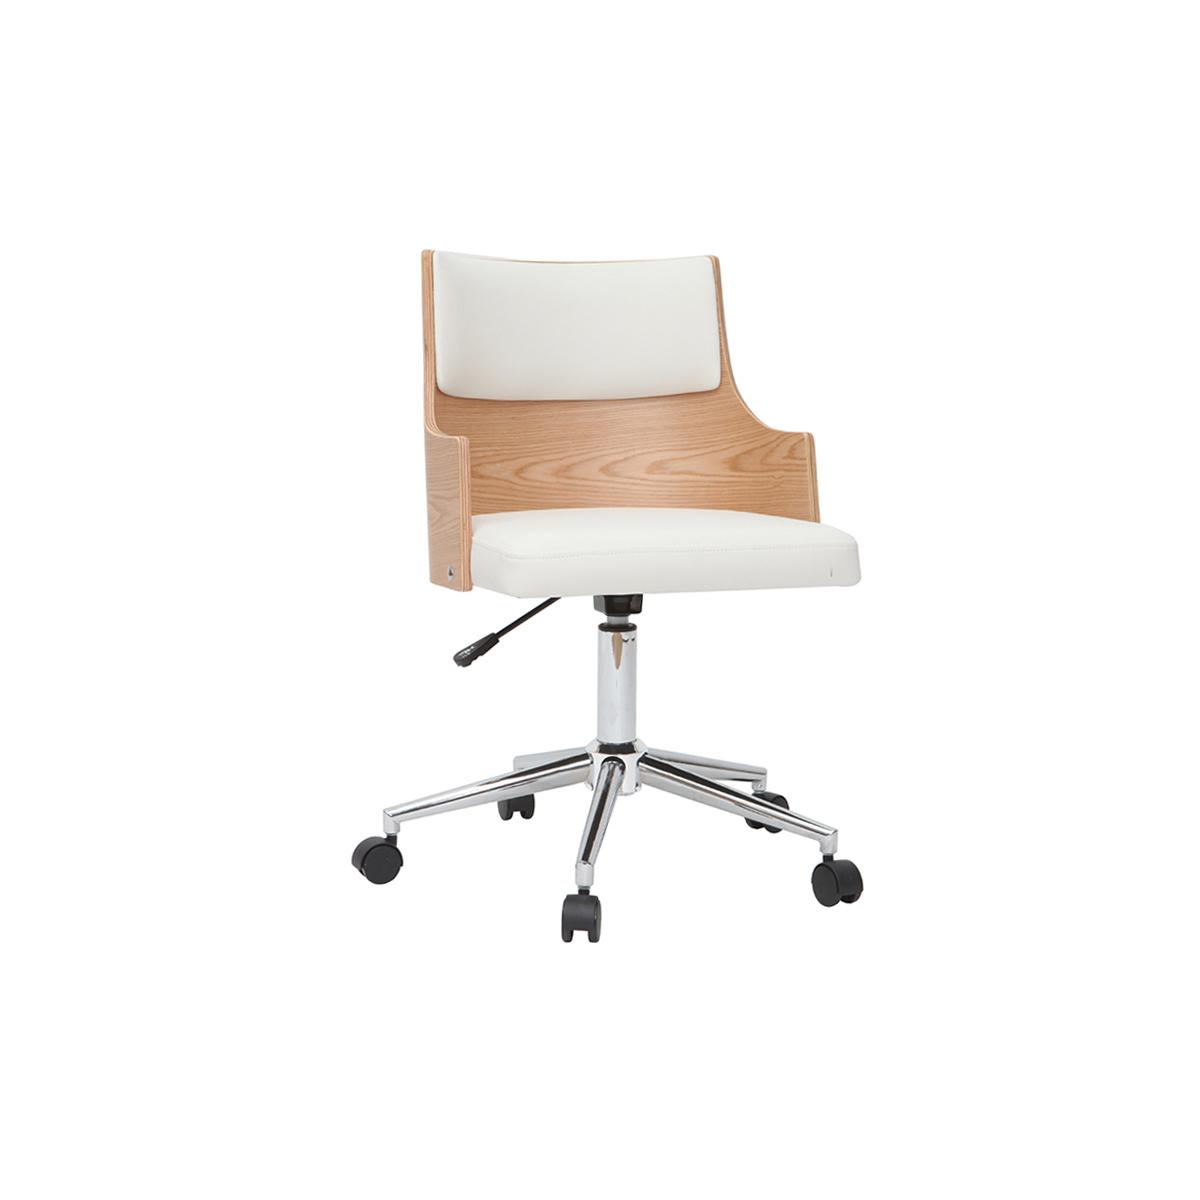 de design en de chaise bureau chaise chaise bureau en de bureau design 1TlKJcF